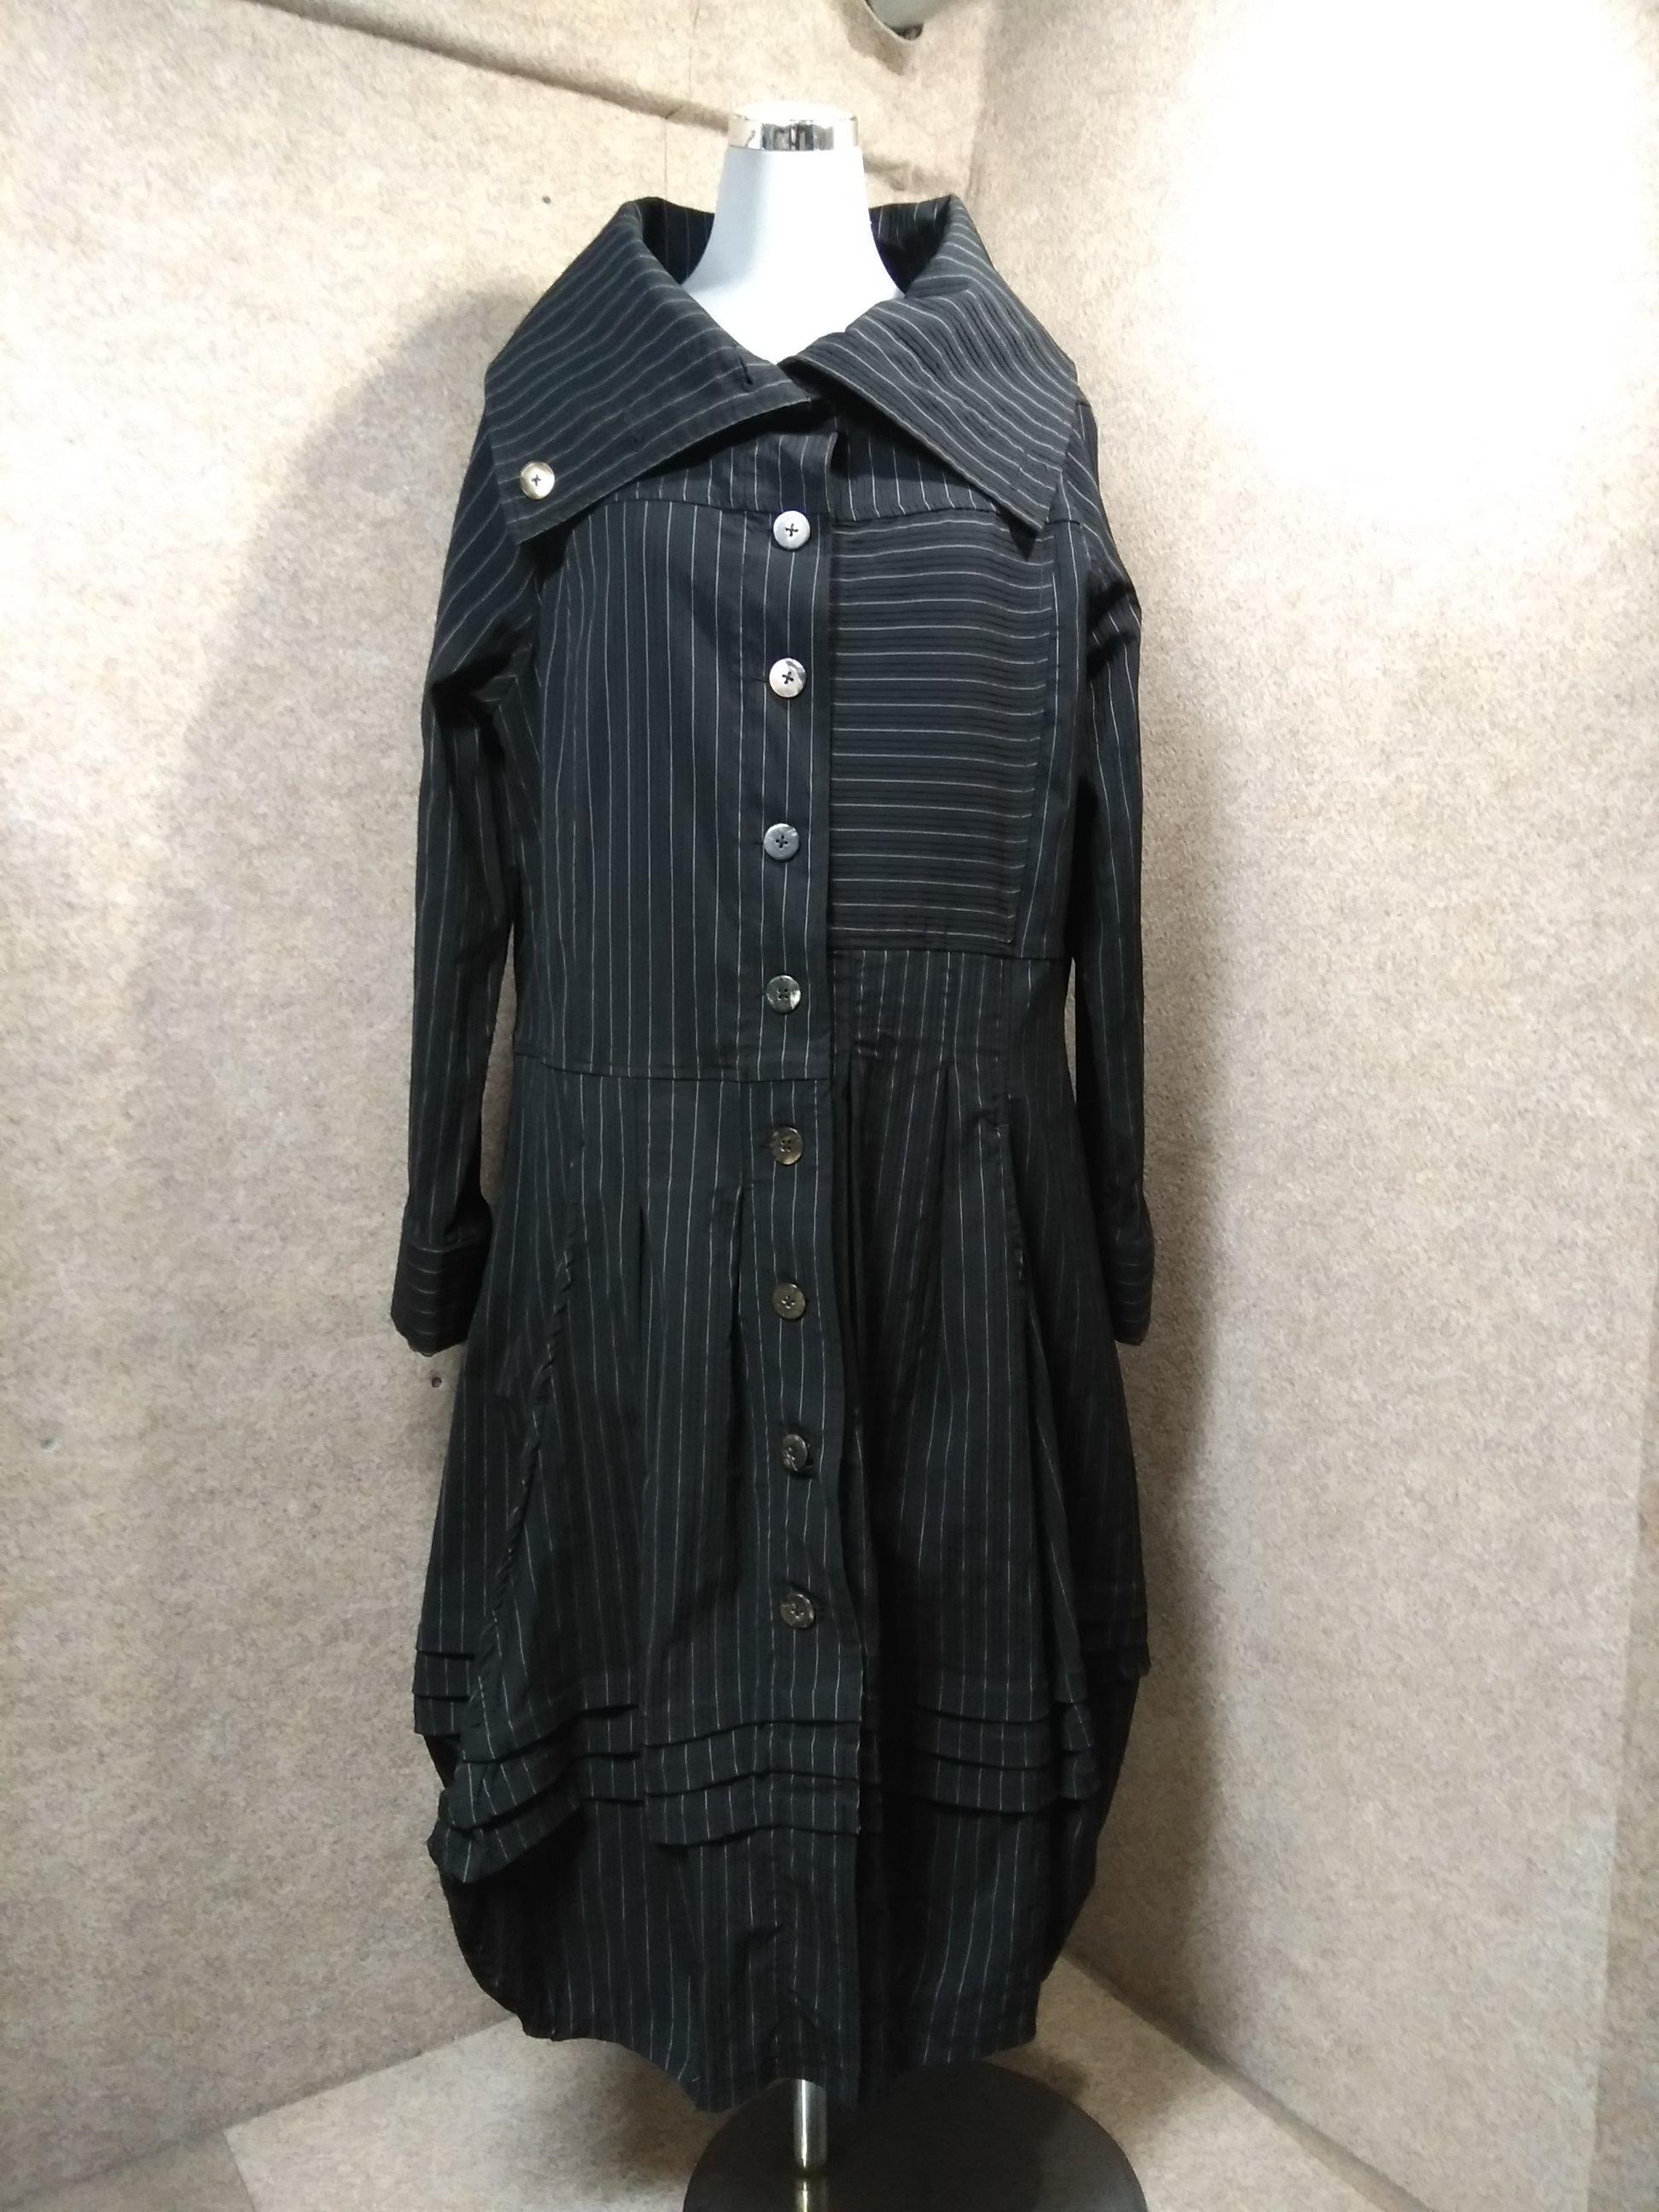 ベルチュベリー ロング コート F 黒ストライプ 変形バルーン裾 mu352s